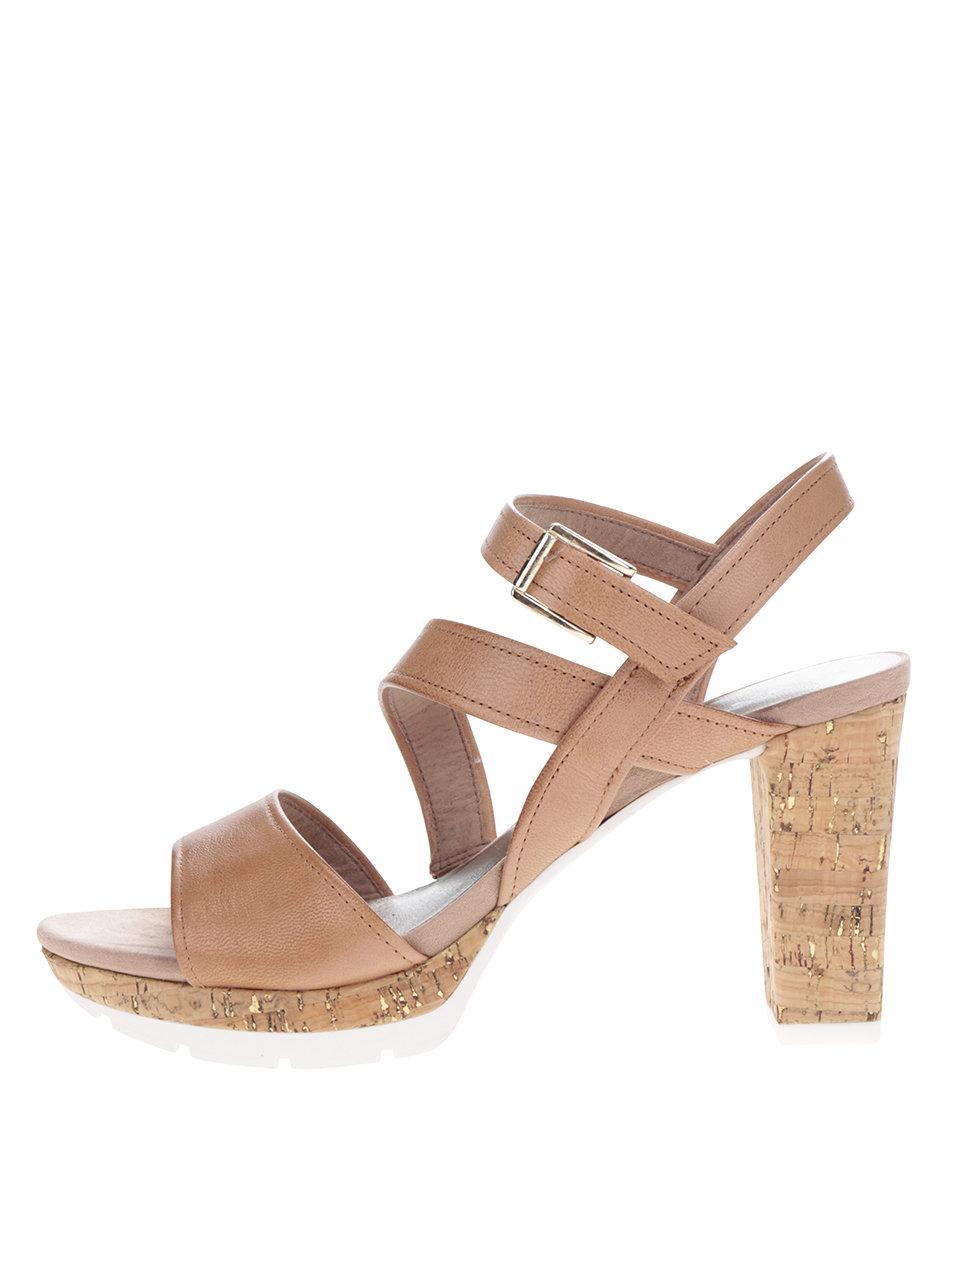 57ea2e8585ebc Hnedé kožené sandálky na korkovom podpätku Tamaris | ZOOT.sk